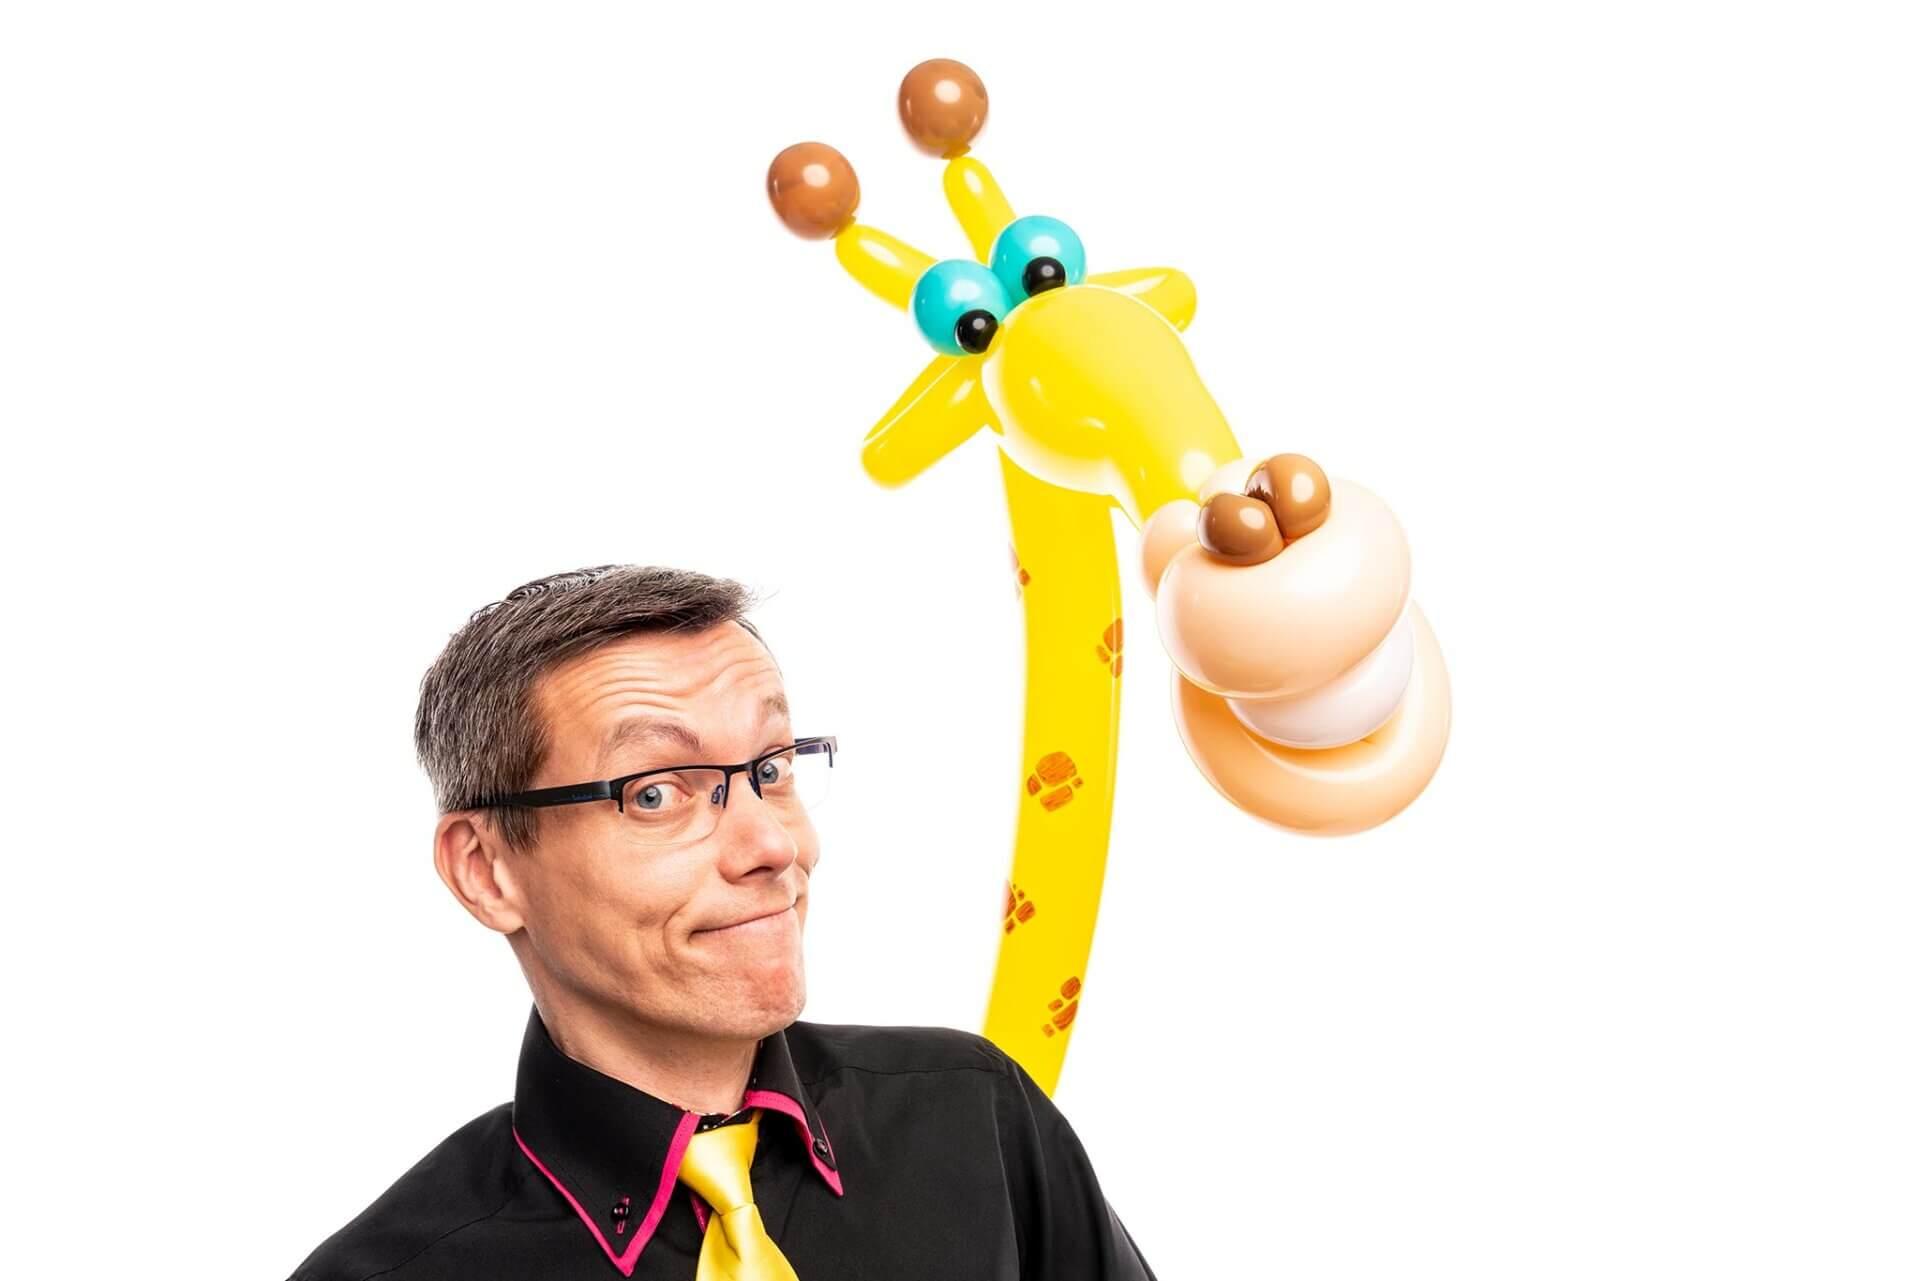 Patrick_van_de_Ven_Ballonkunstenaar_giraf